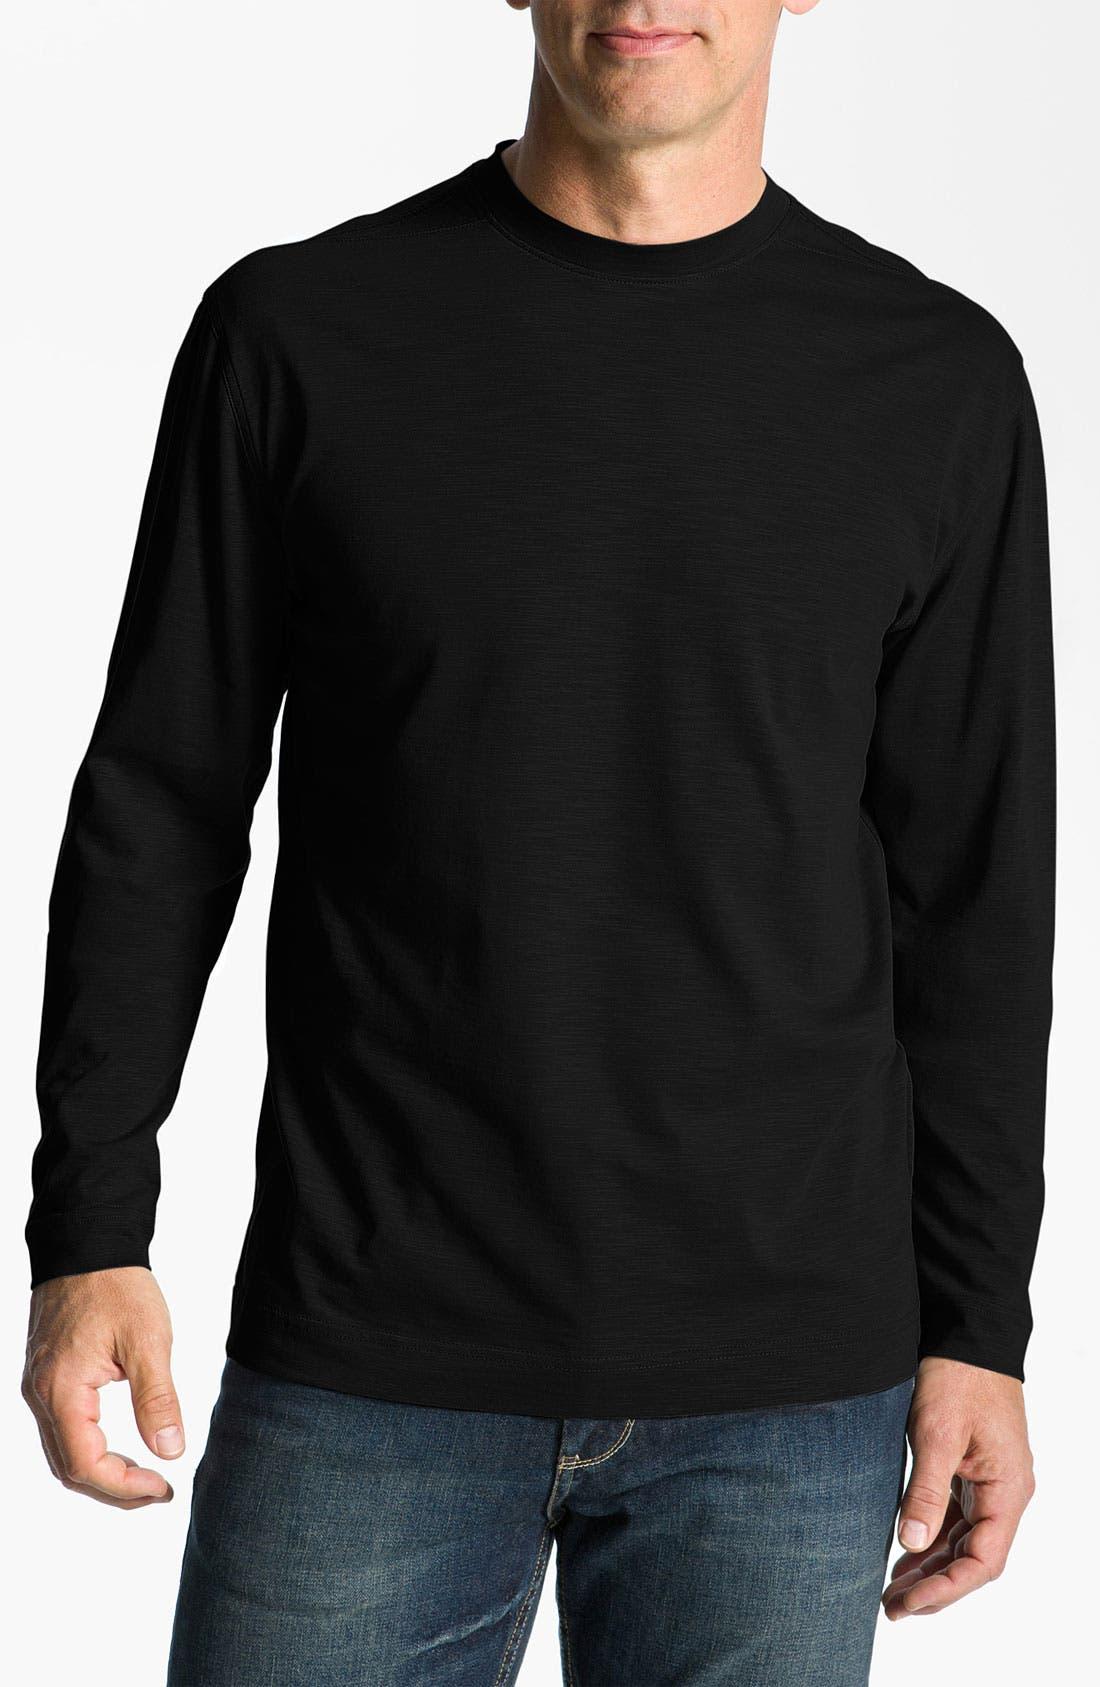 Main Image - Cutter & Buck 'Winthrop' T-Shirt (Big & Tall)